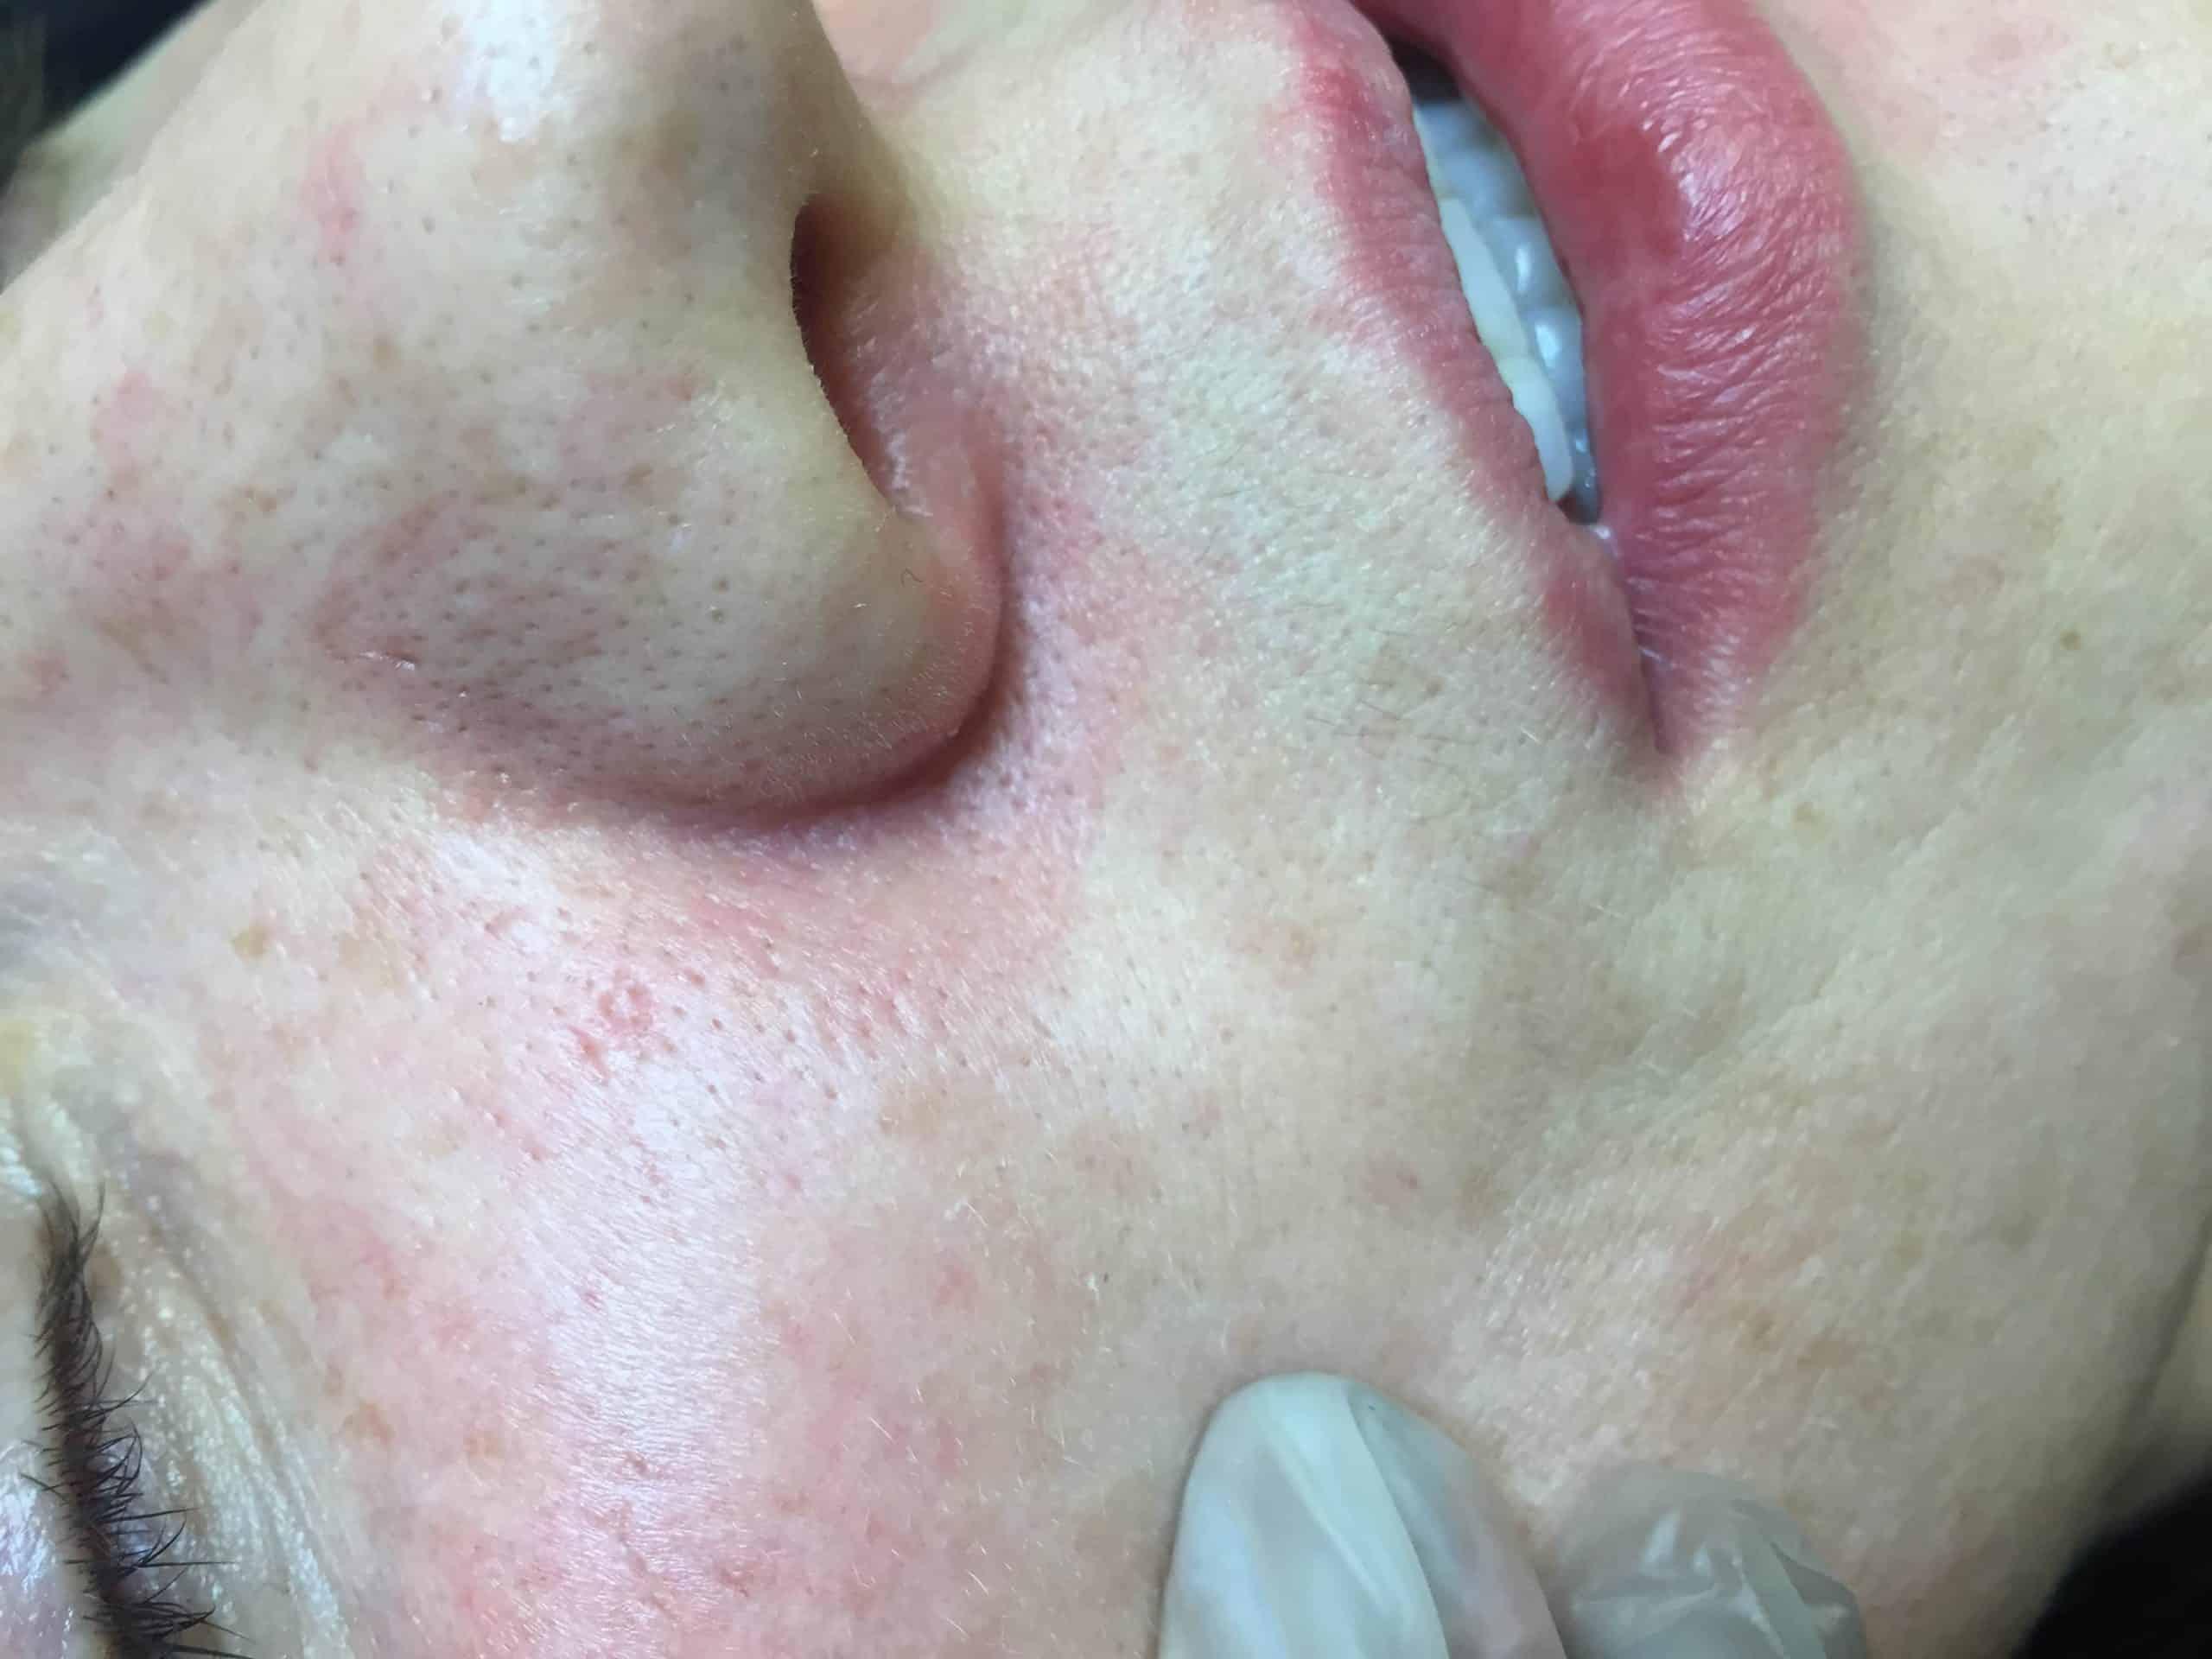 Broken Capillaries around the nostril AFTER